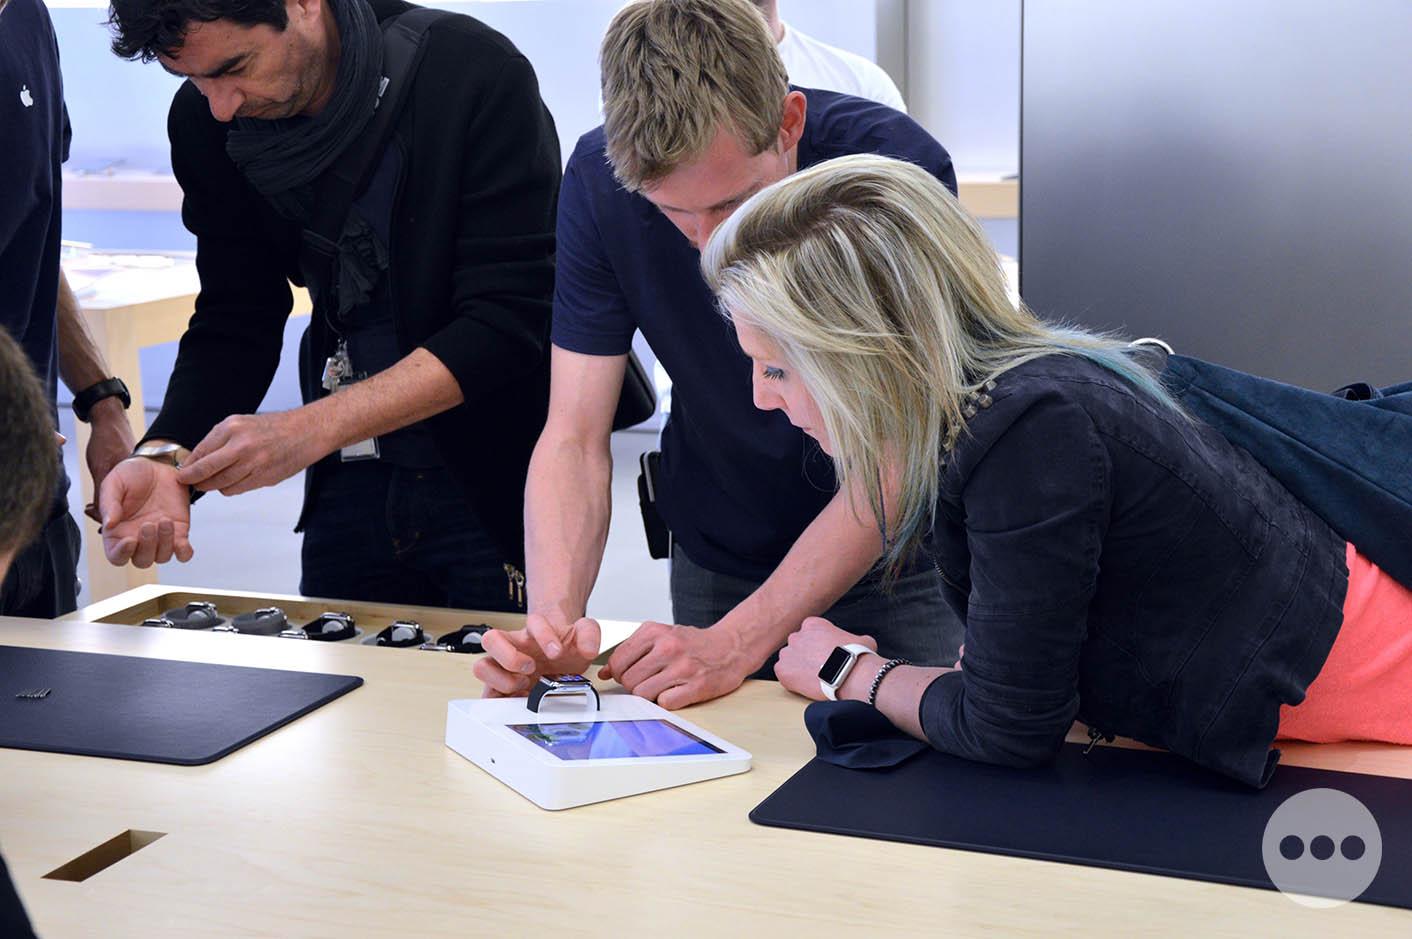 Apple Watch essai